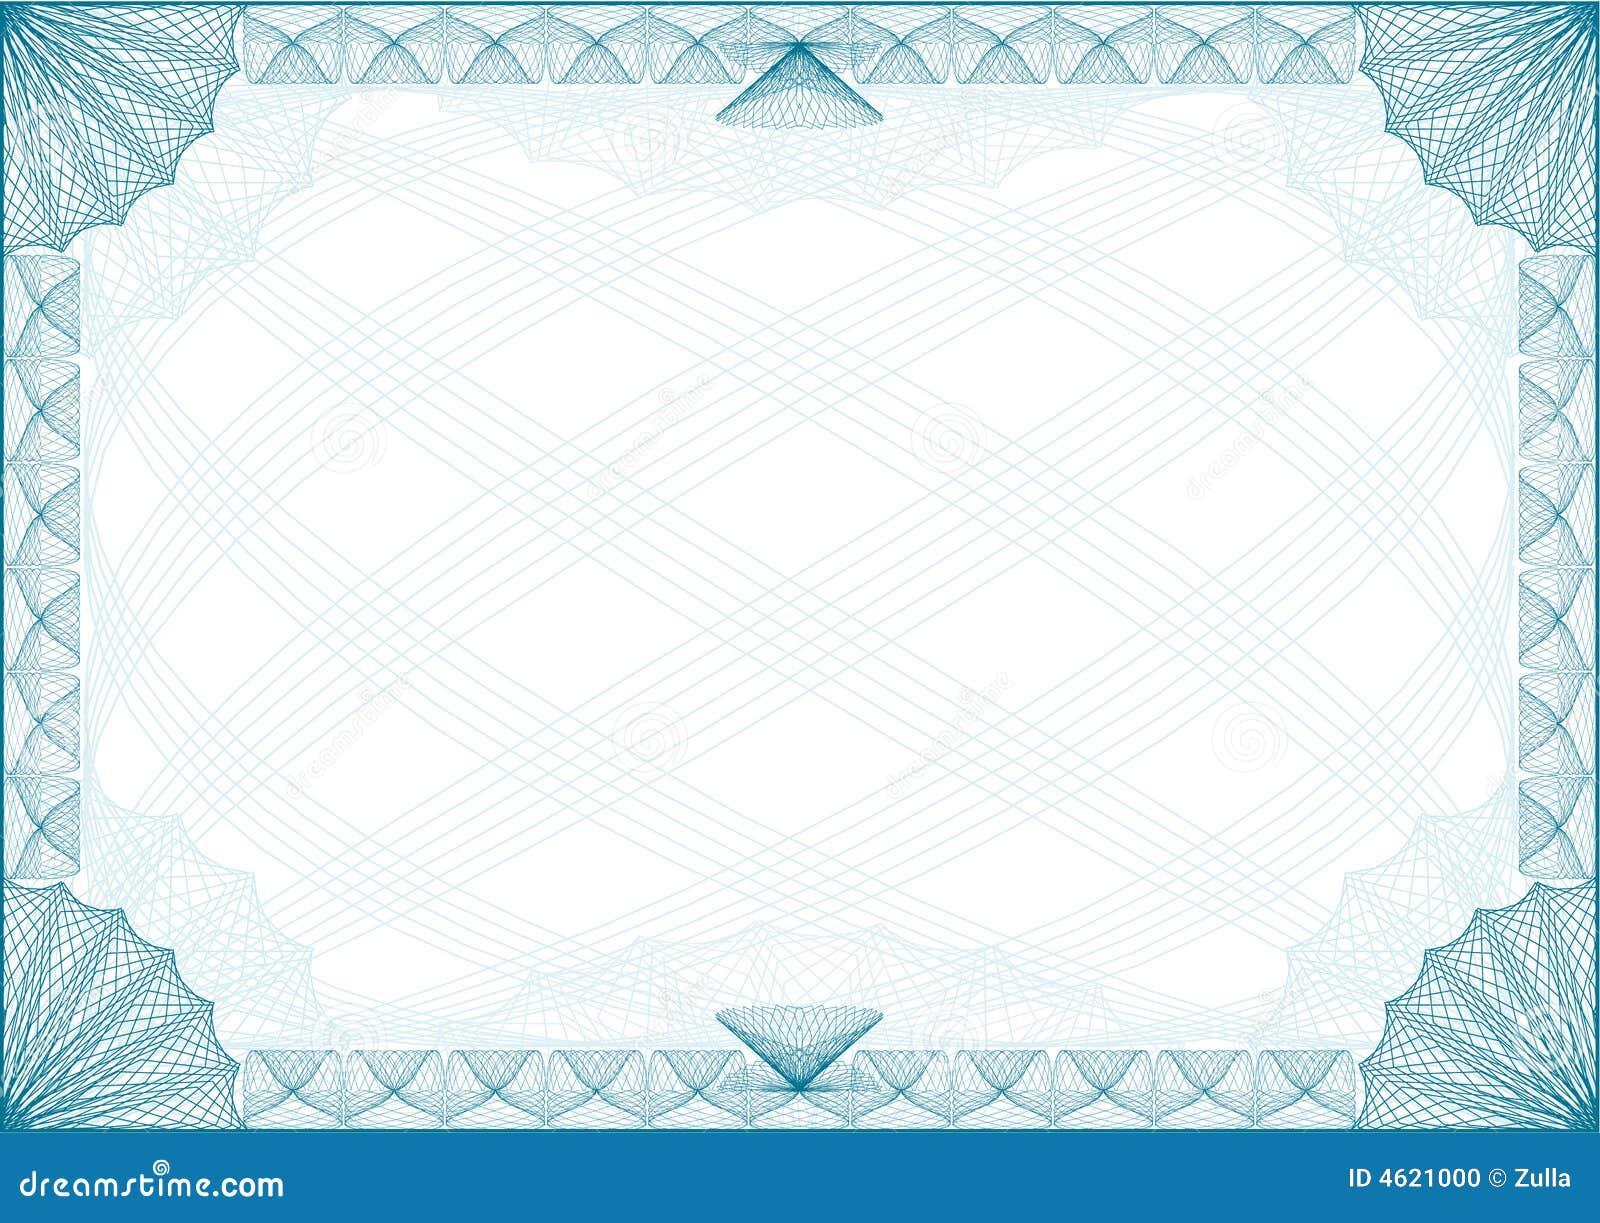 diploma paper